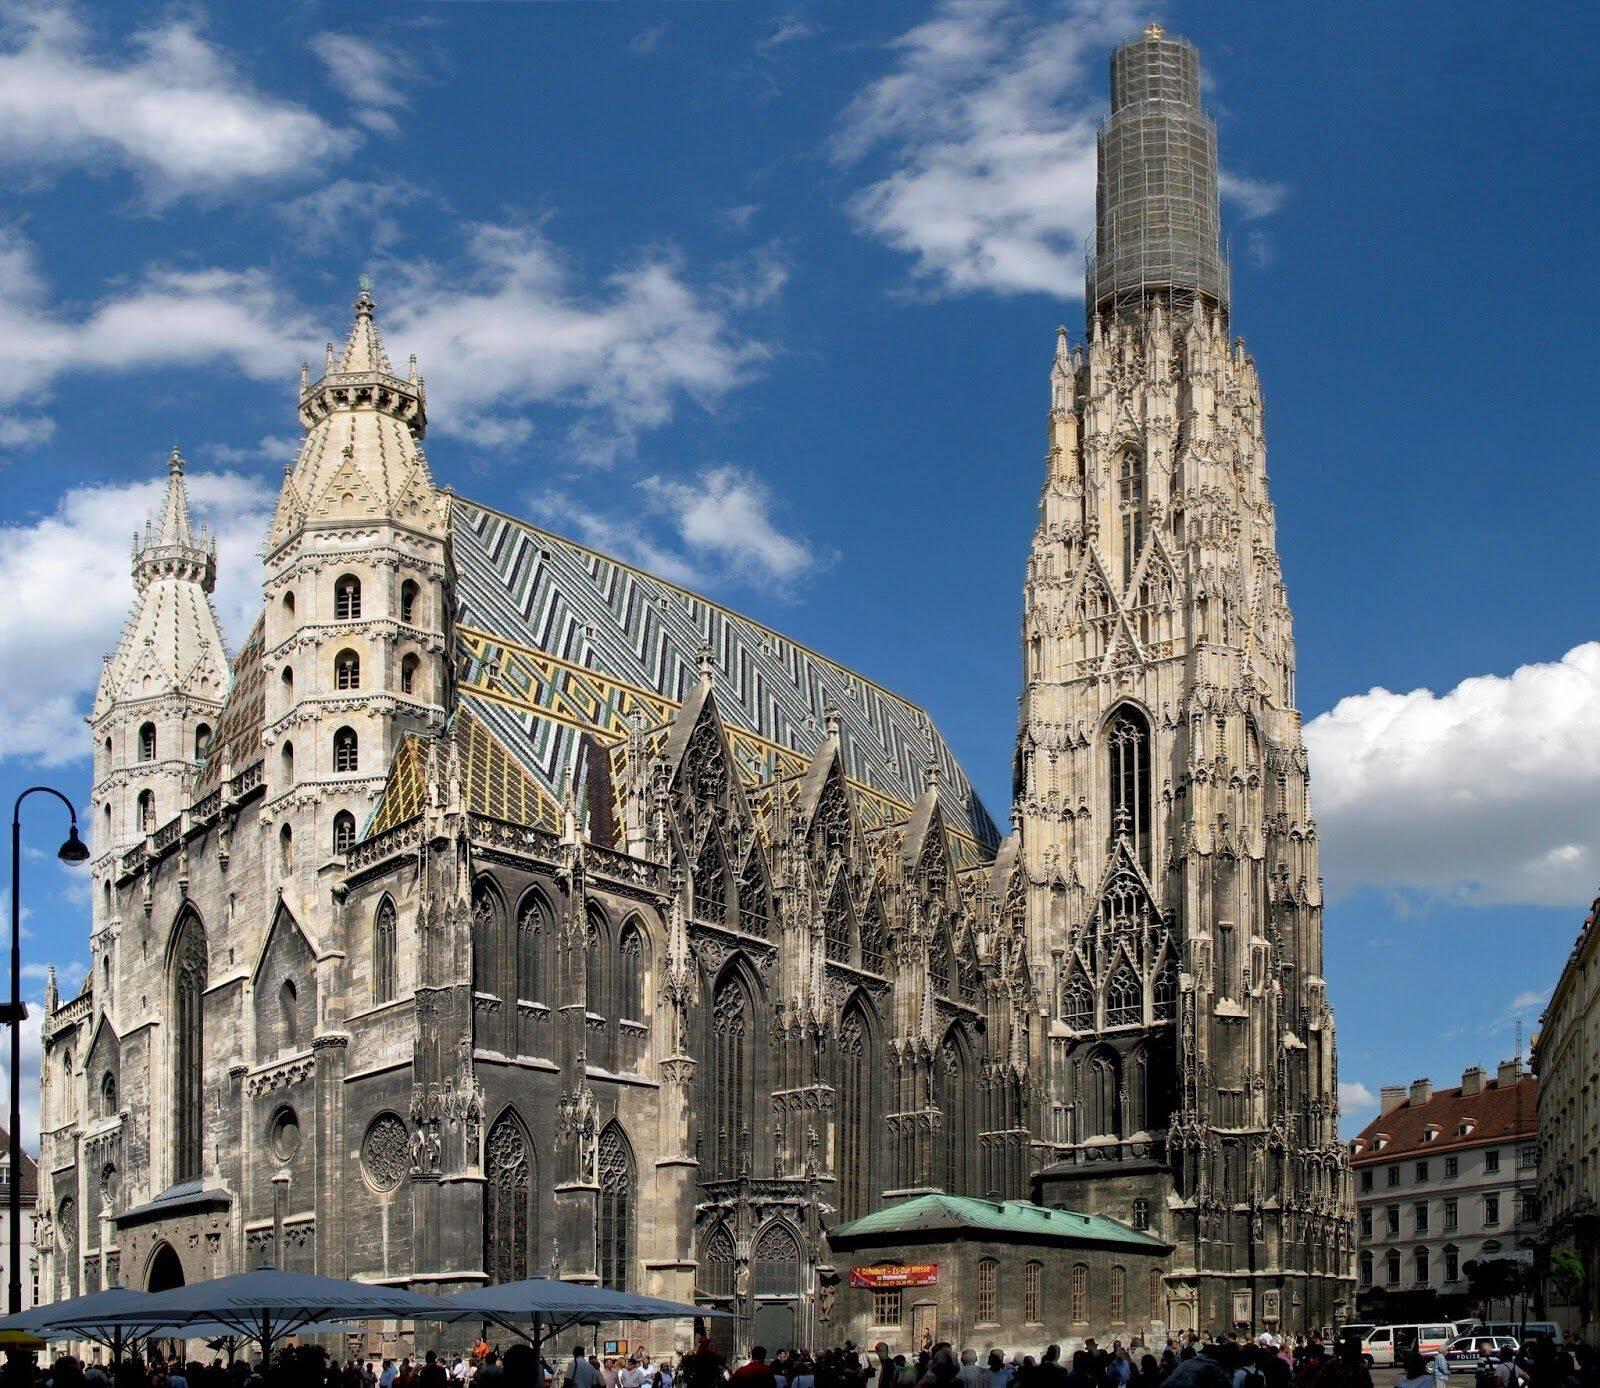 Símbolo da arquitetura gótica na cidade, a Catedral Stephansdom oferece ingressos para que turistas subam ao topo para ver a cidade de cima. Foto: Reprodução/Pinterest